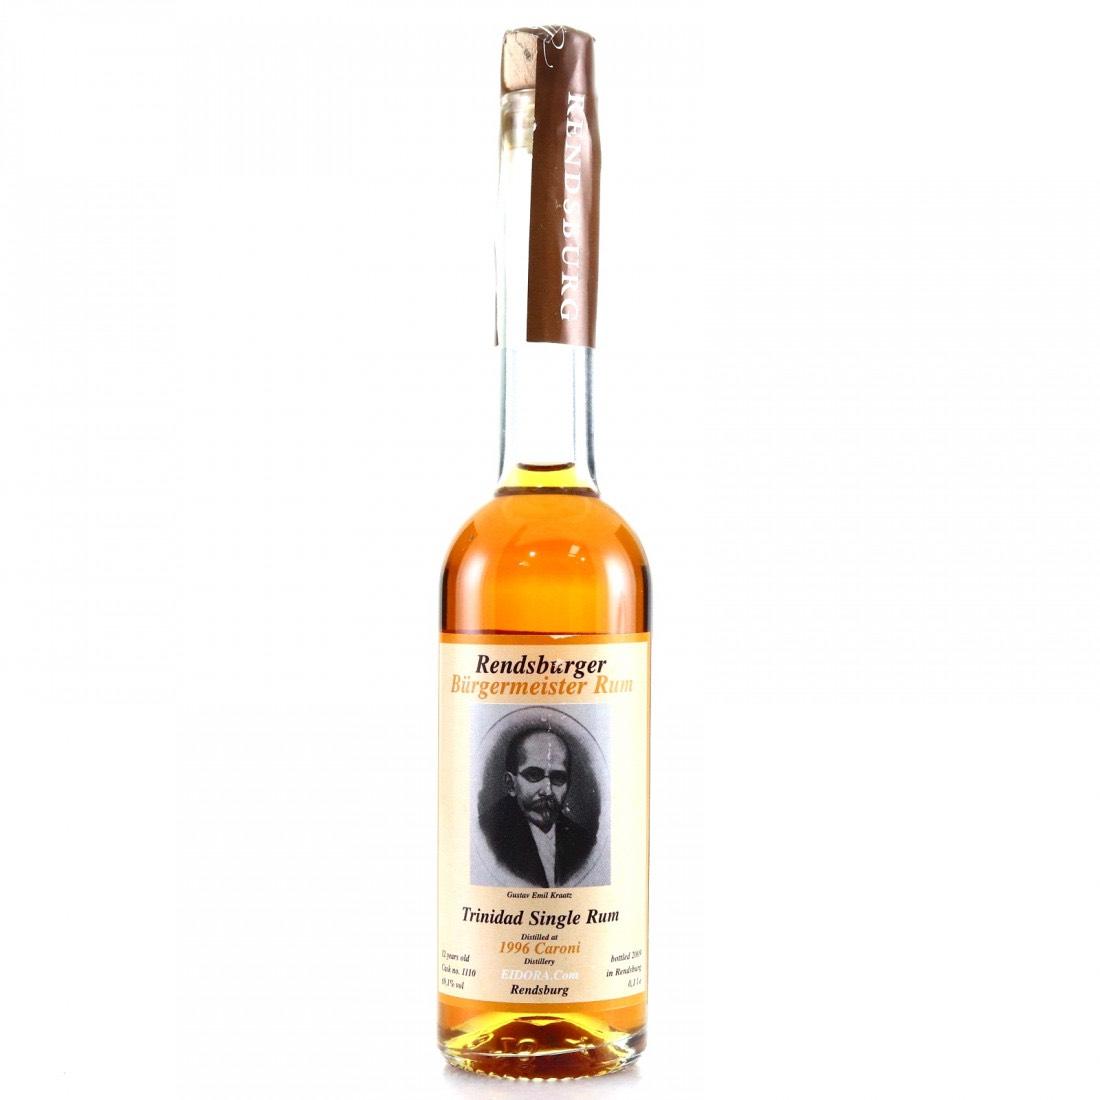 Bottle image of Rendsburger Bürgermeister Rum